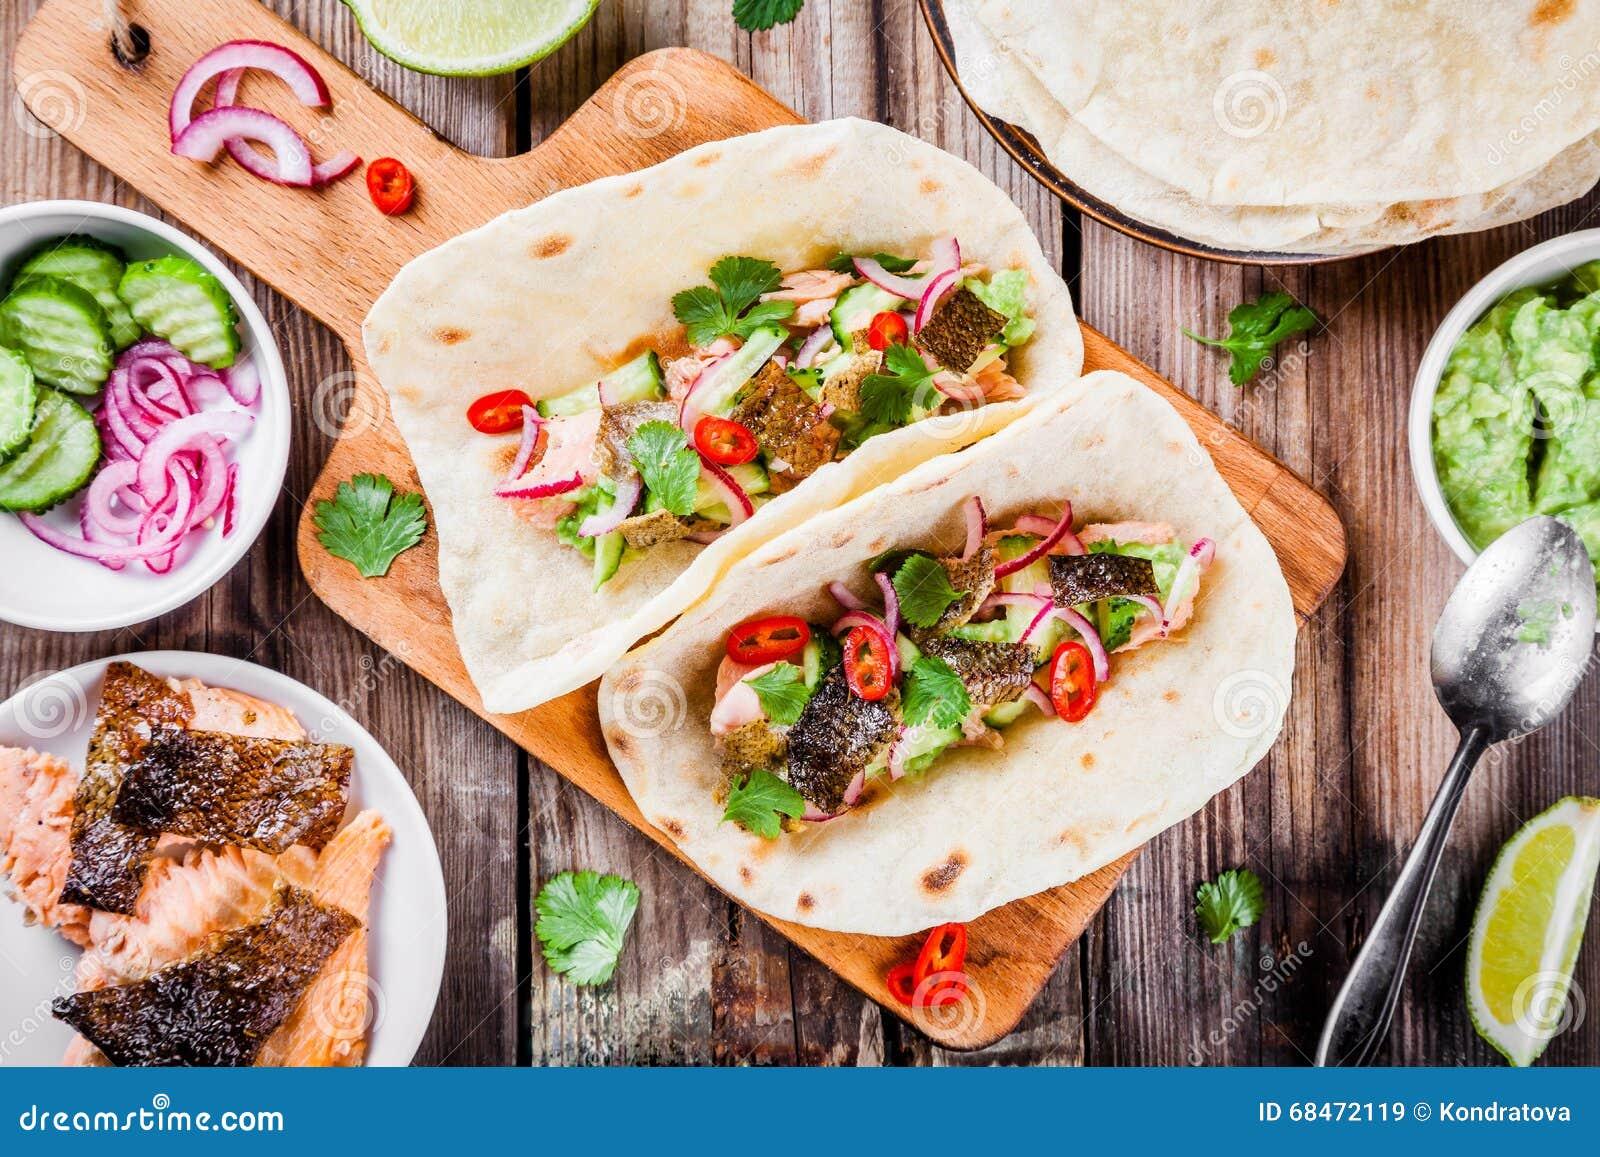 Tacos fait maison avec des saumons image stock image du d ner mexicain 68472119 - Comment faire des tacos maison ...